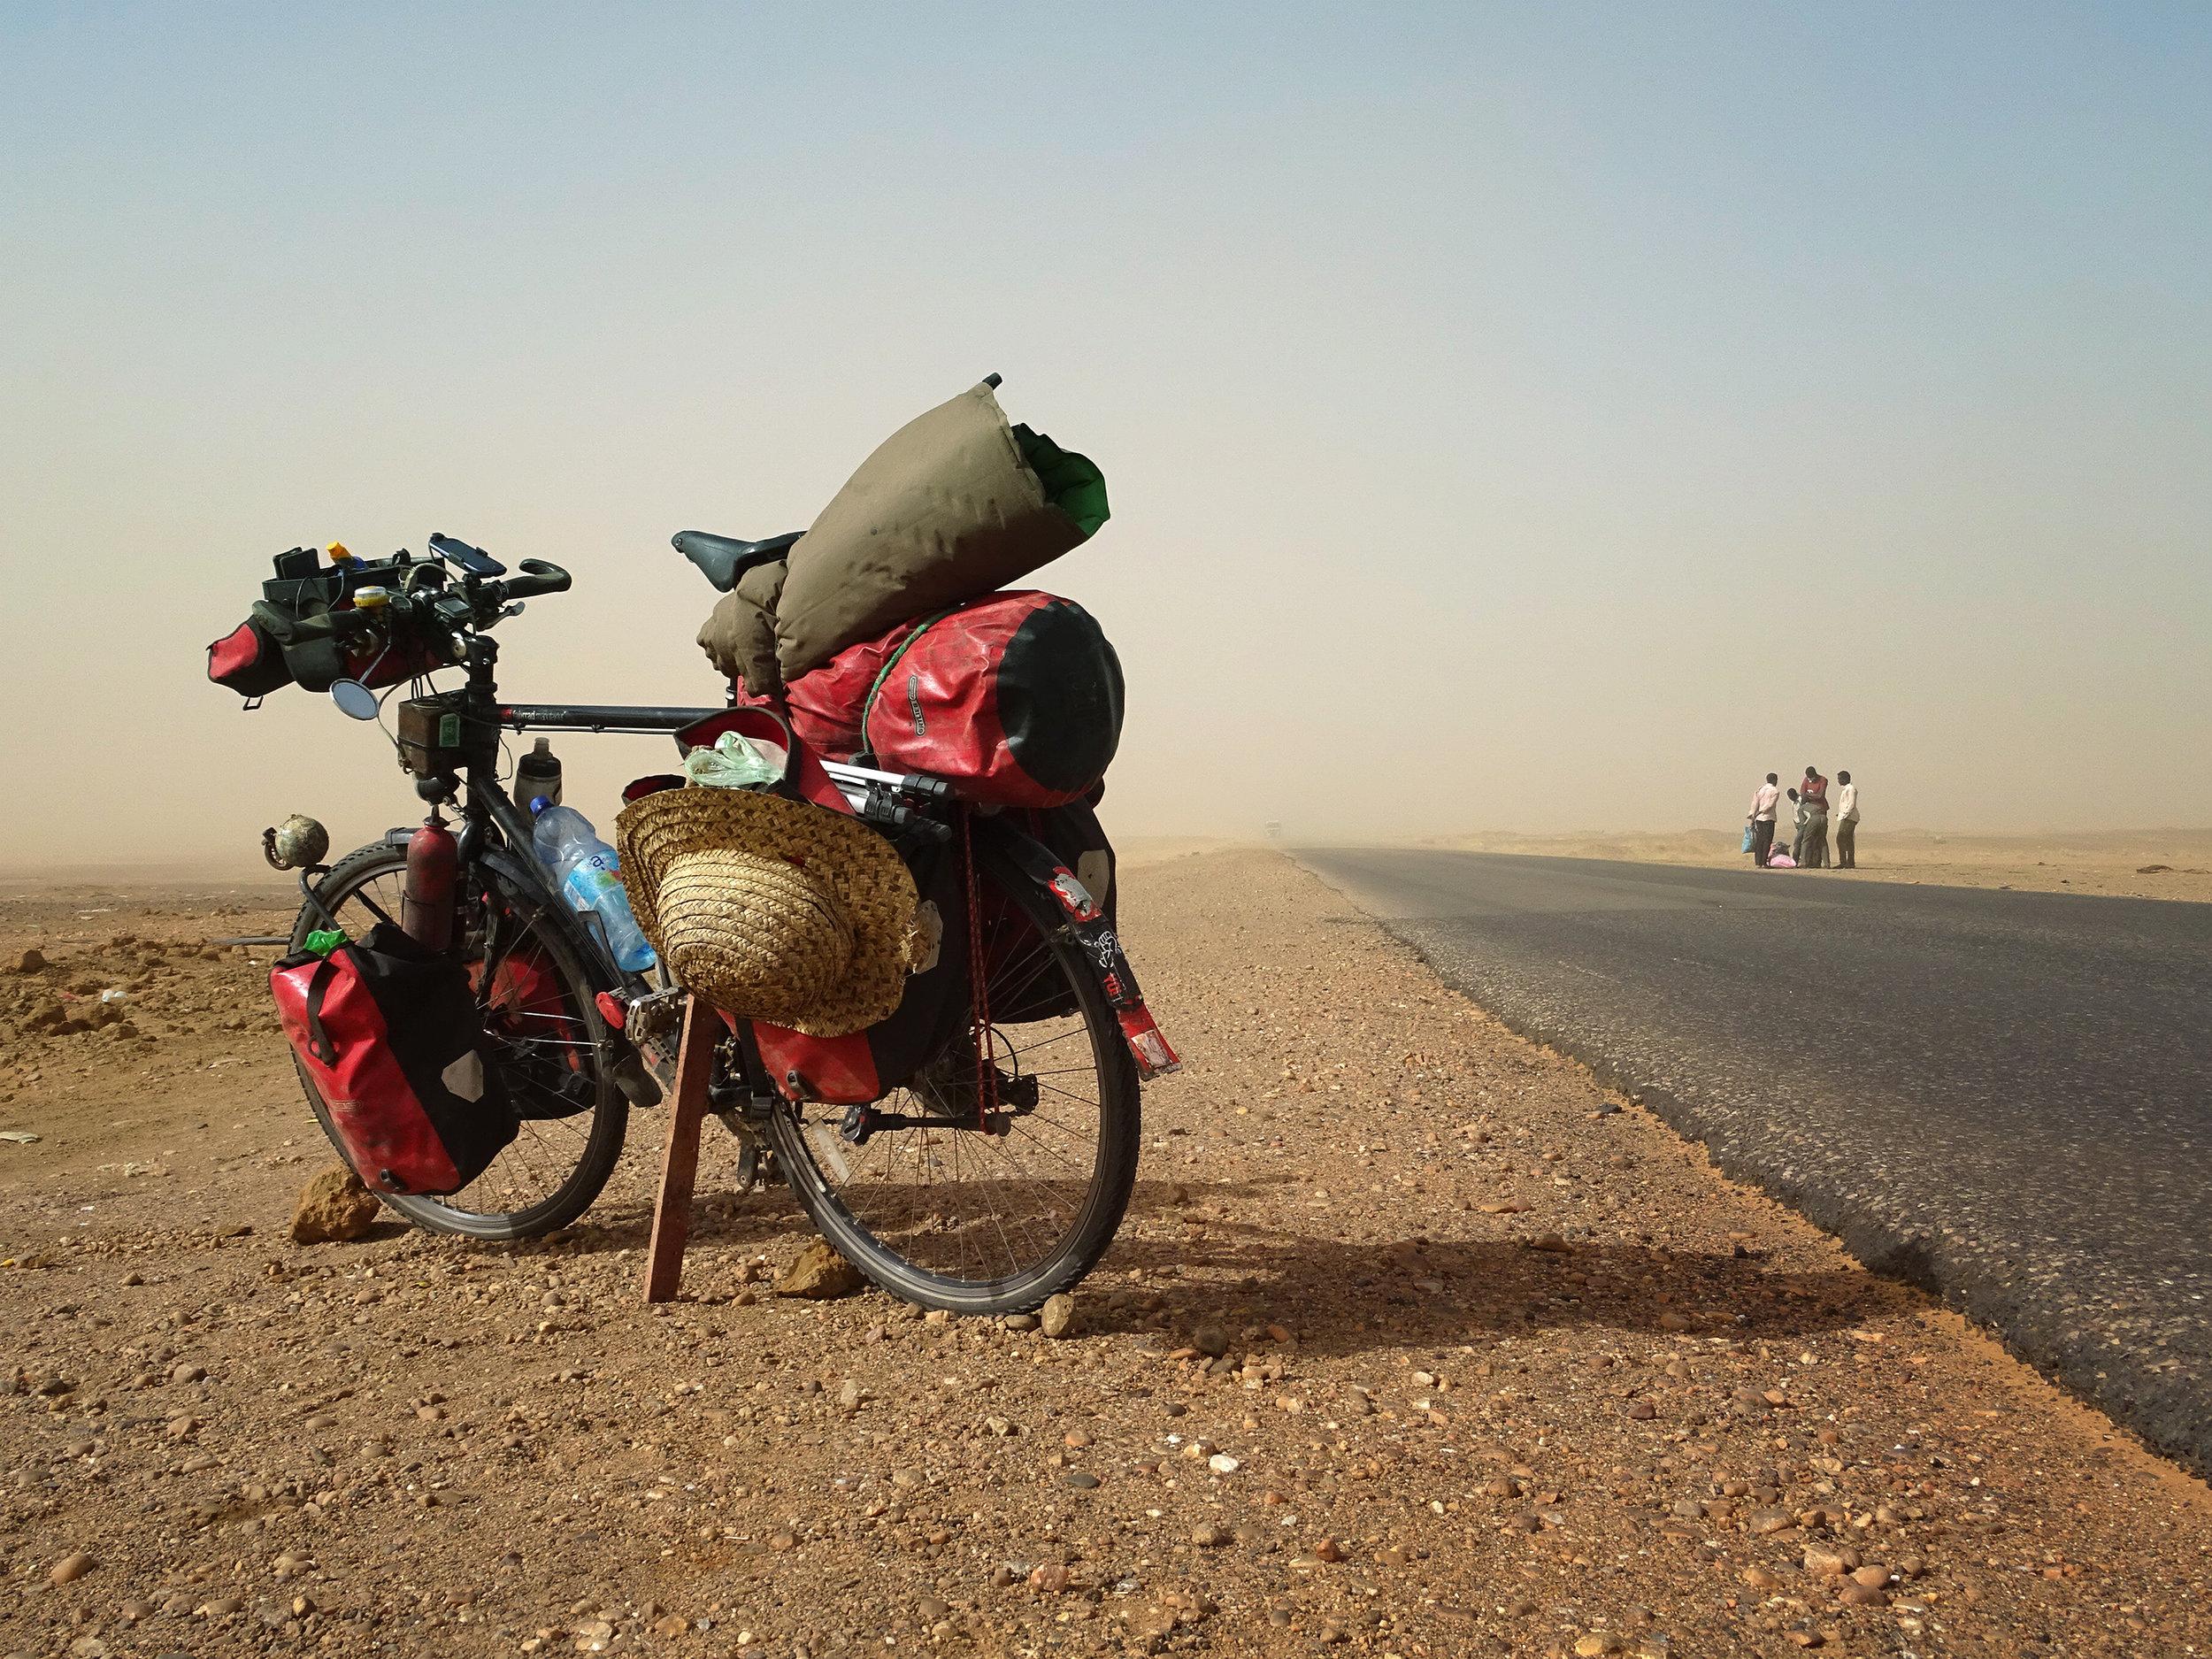 Ein Sandstrum fegt über den heißen Aspalt der Sudanesischen Sahara.jpg